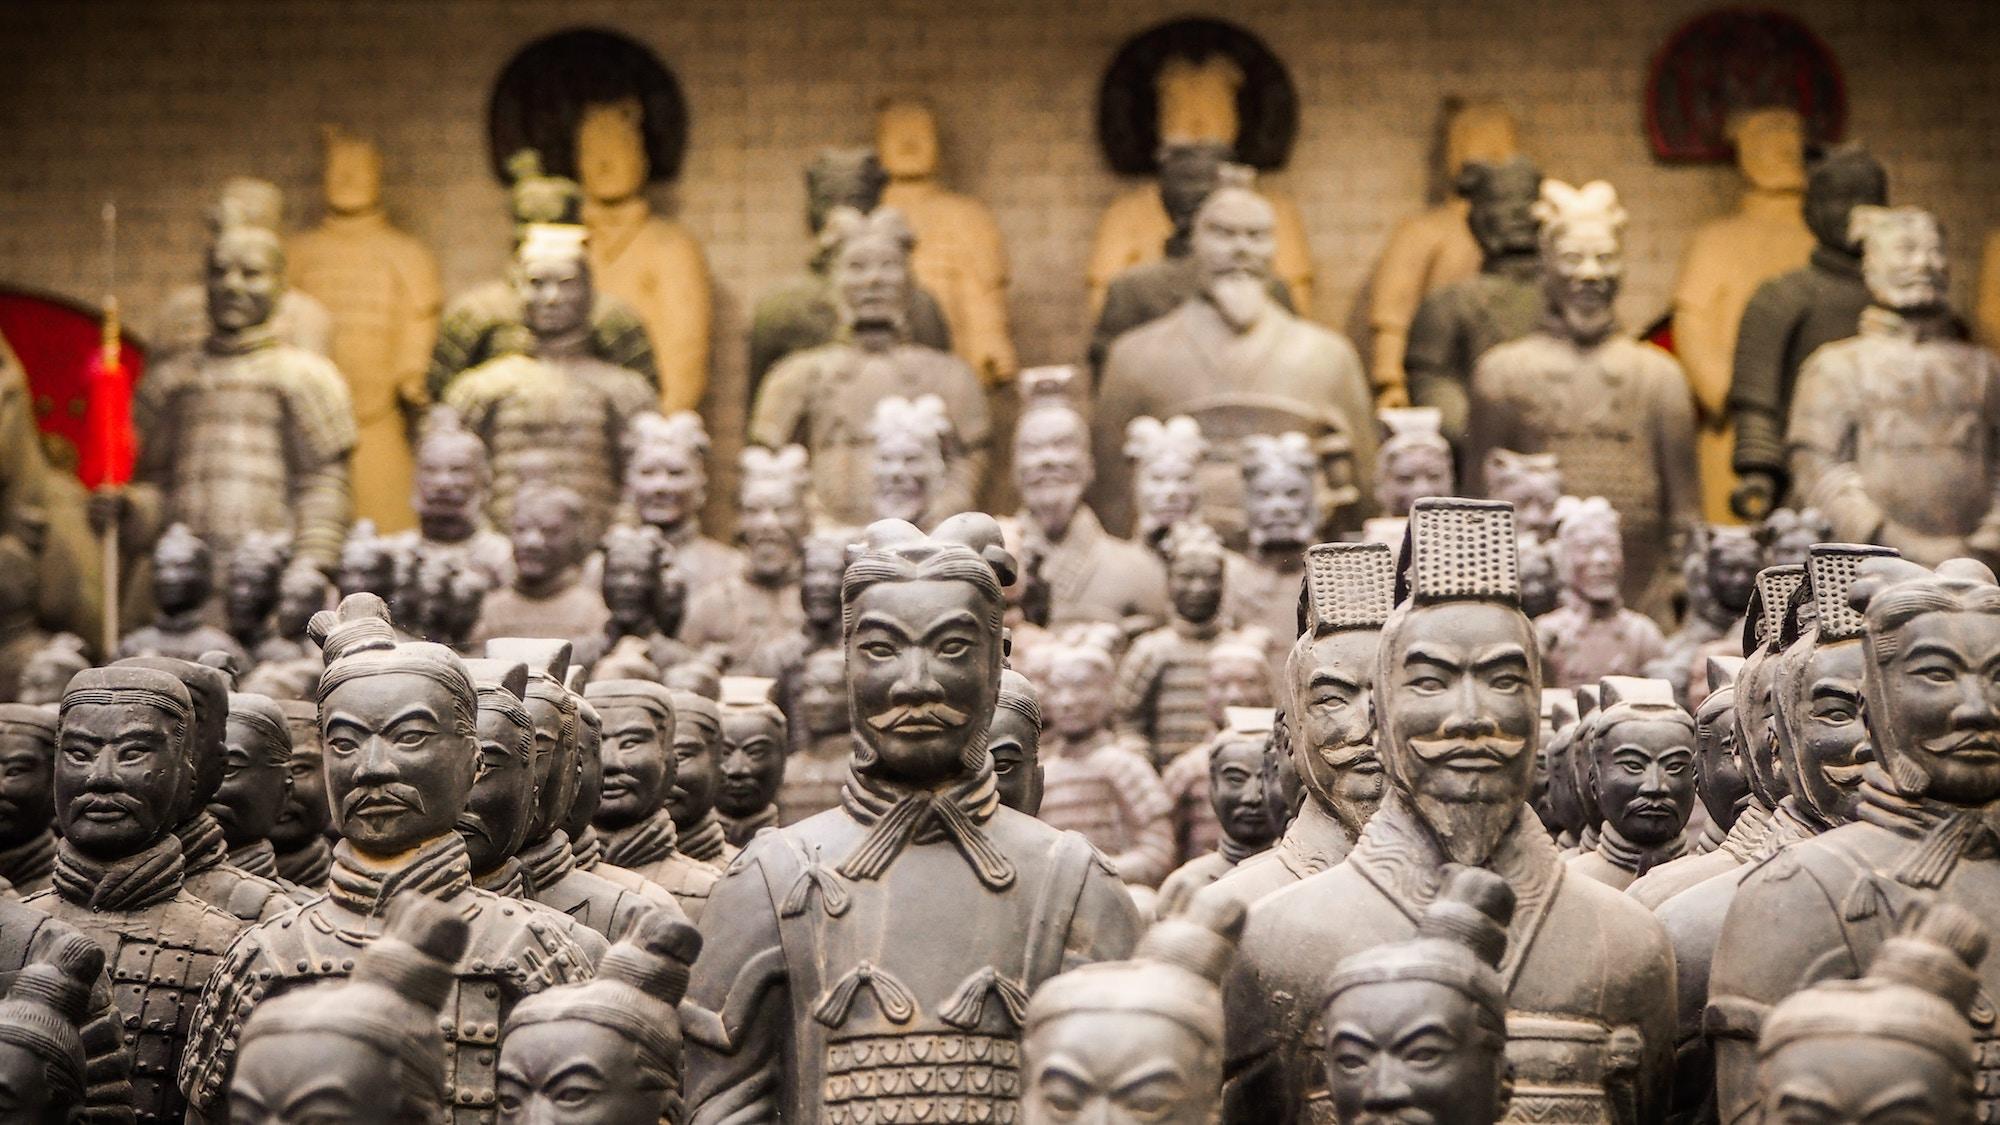 21 принцип «Мистецтва війни» Сунь-цзи для застосування в бізнесі